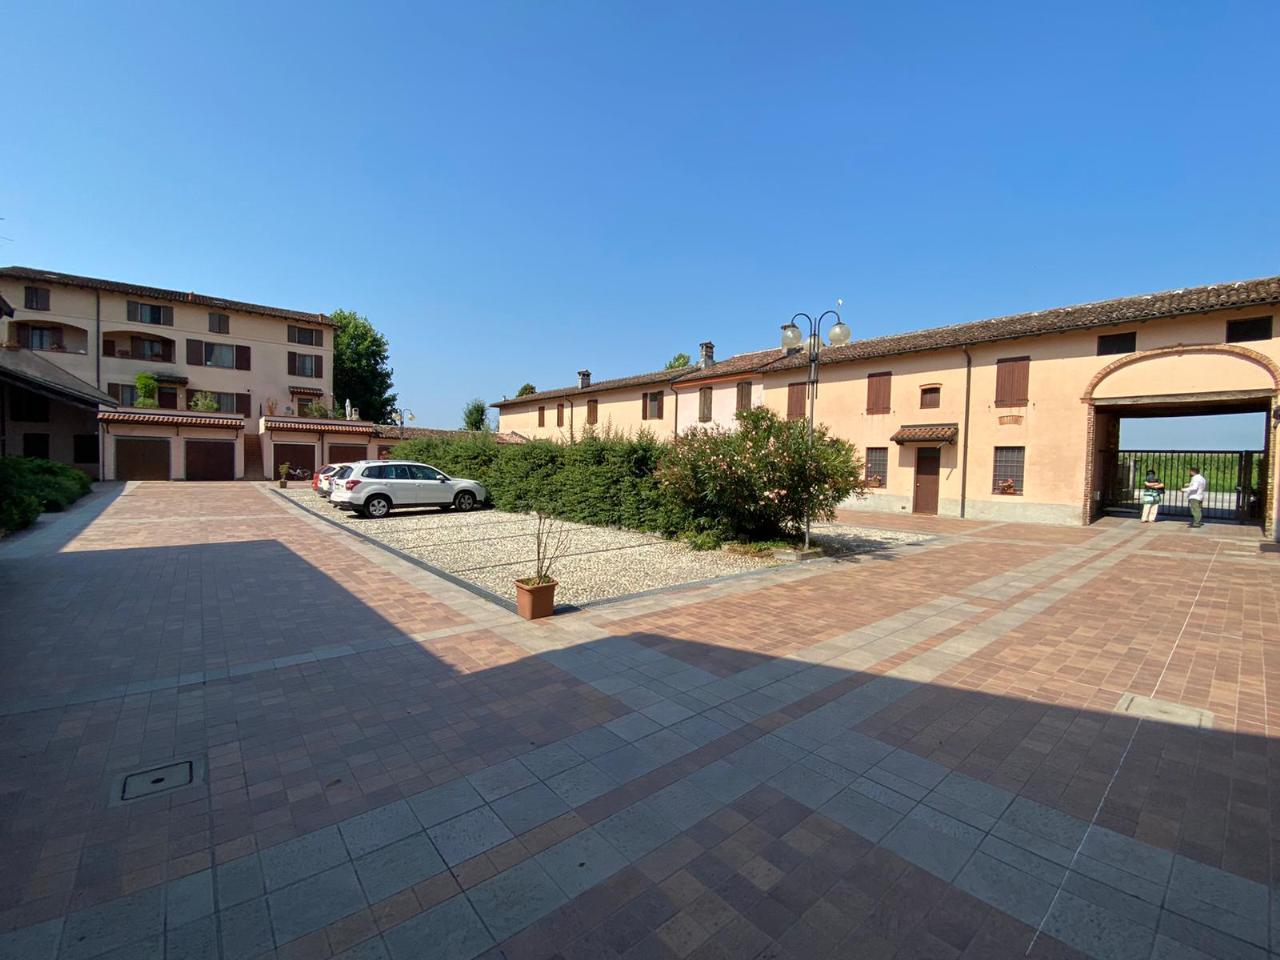 Casa di corte CREMONA €105.000,00